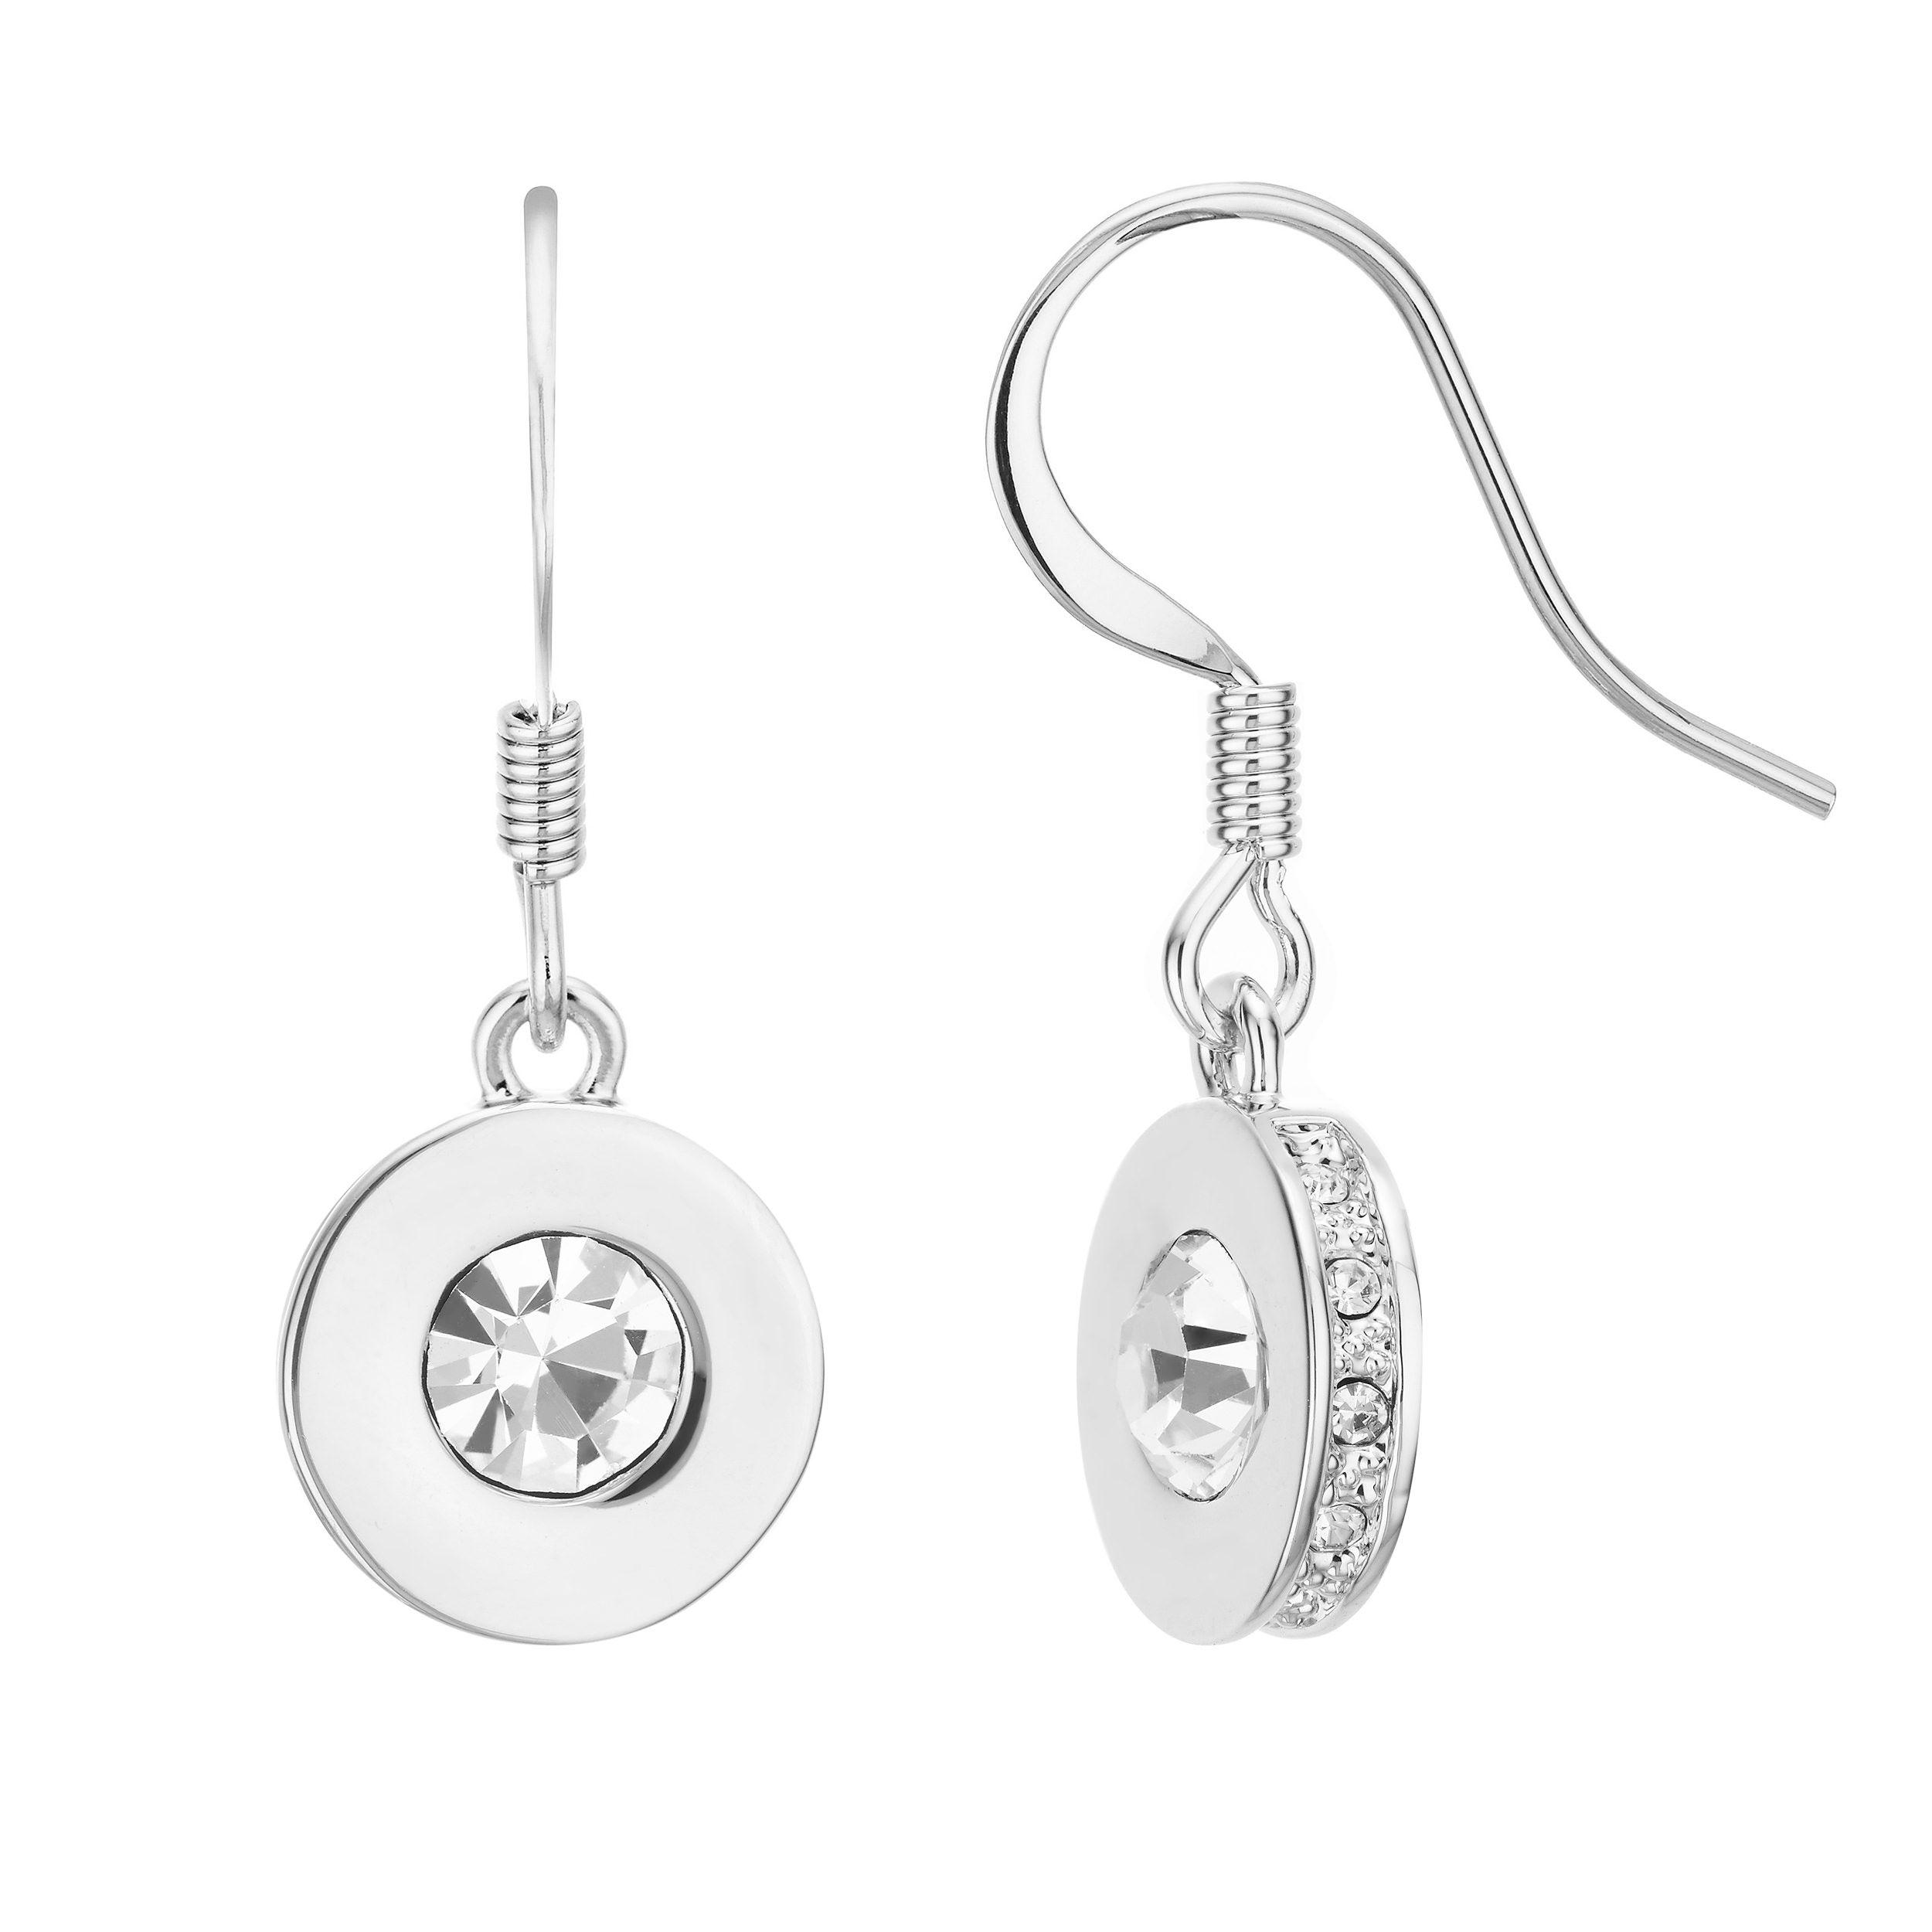 Buckly London Knightley Drop Earrings - Silver